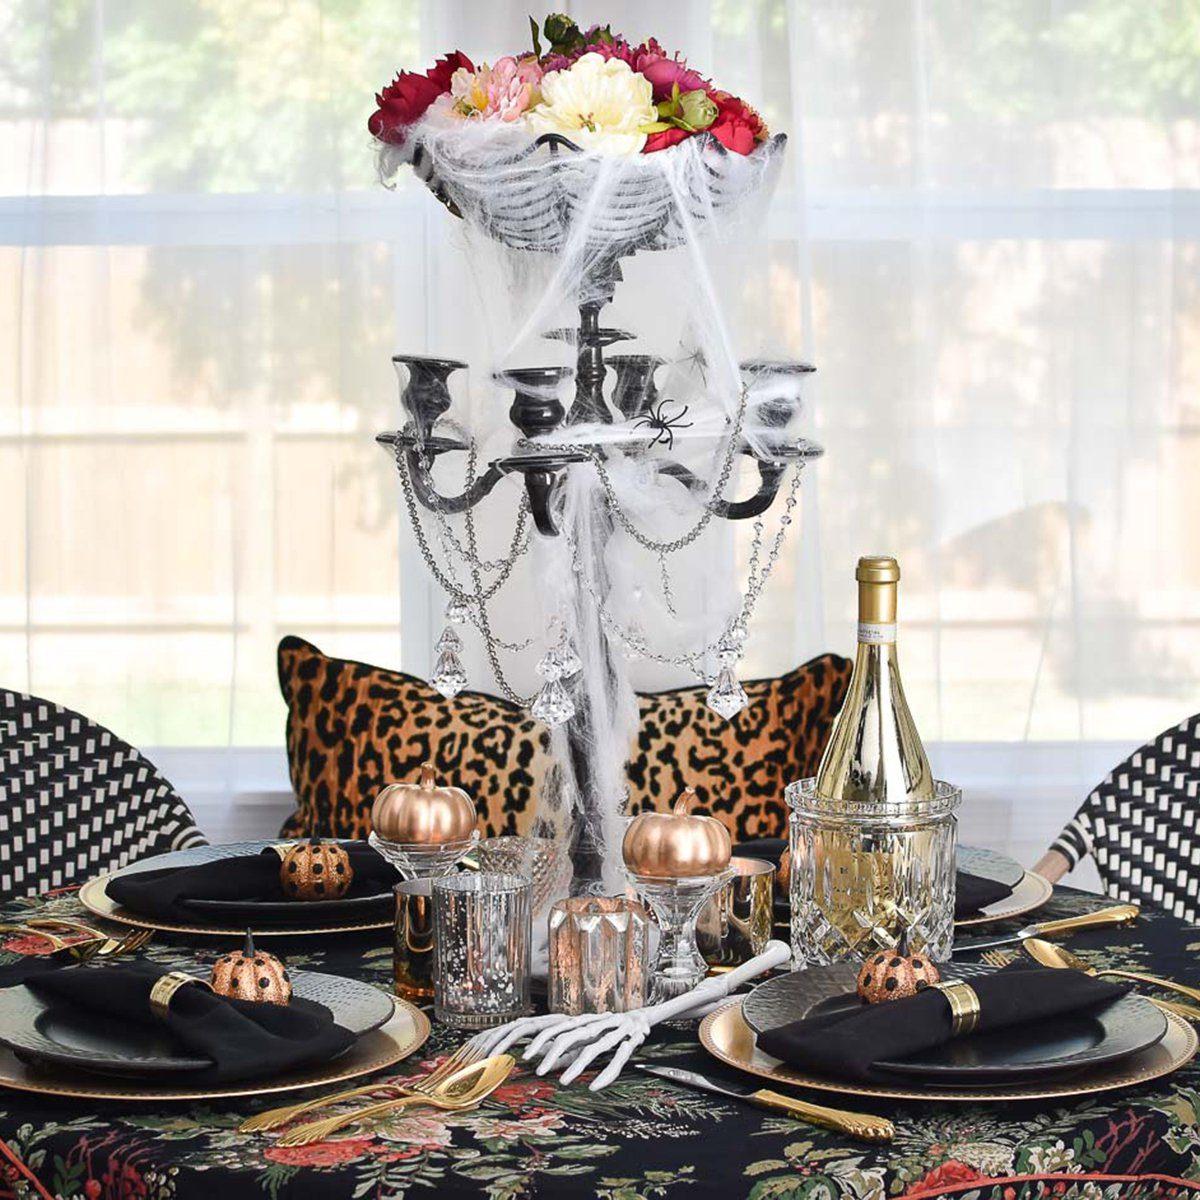 Spooky Floral Halloween Centerpiece Idea